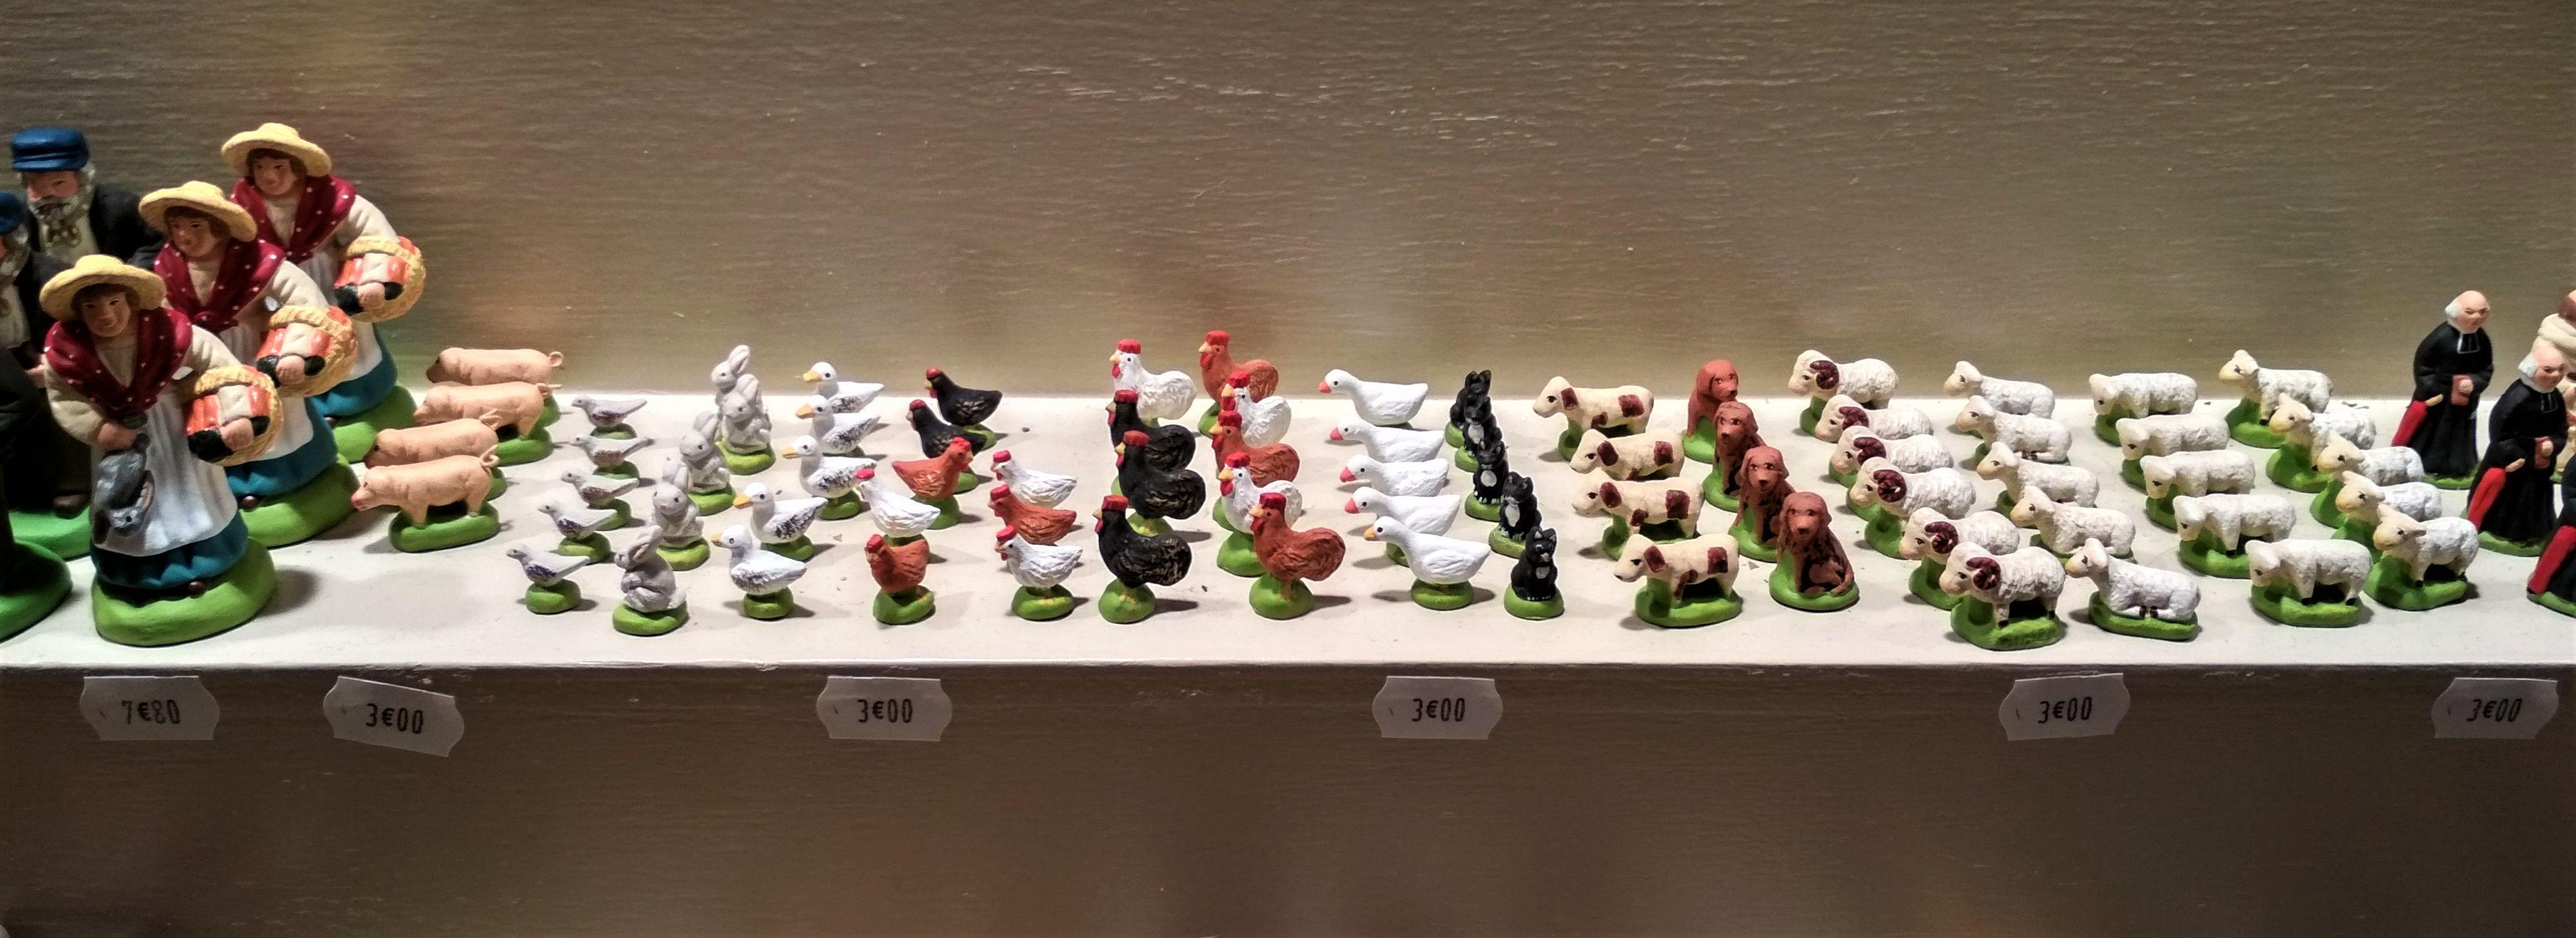 Foire aux Santons, Christmas market, Marseille: 18 November-31 December 2017